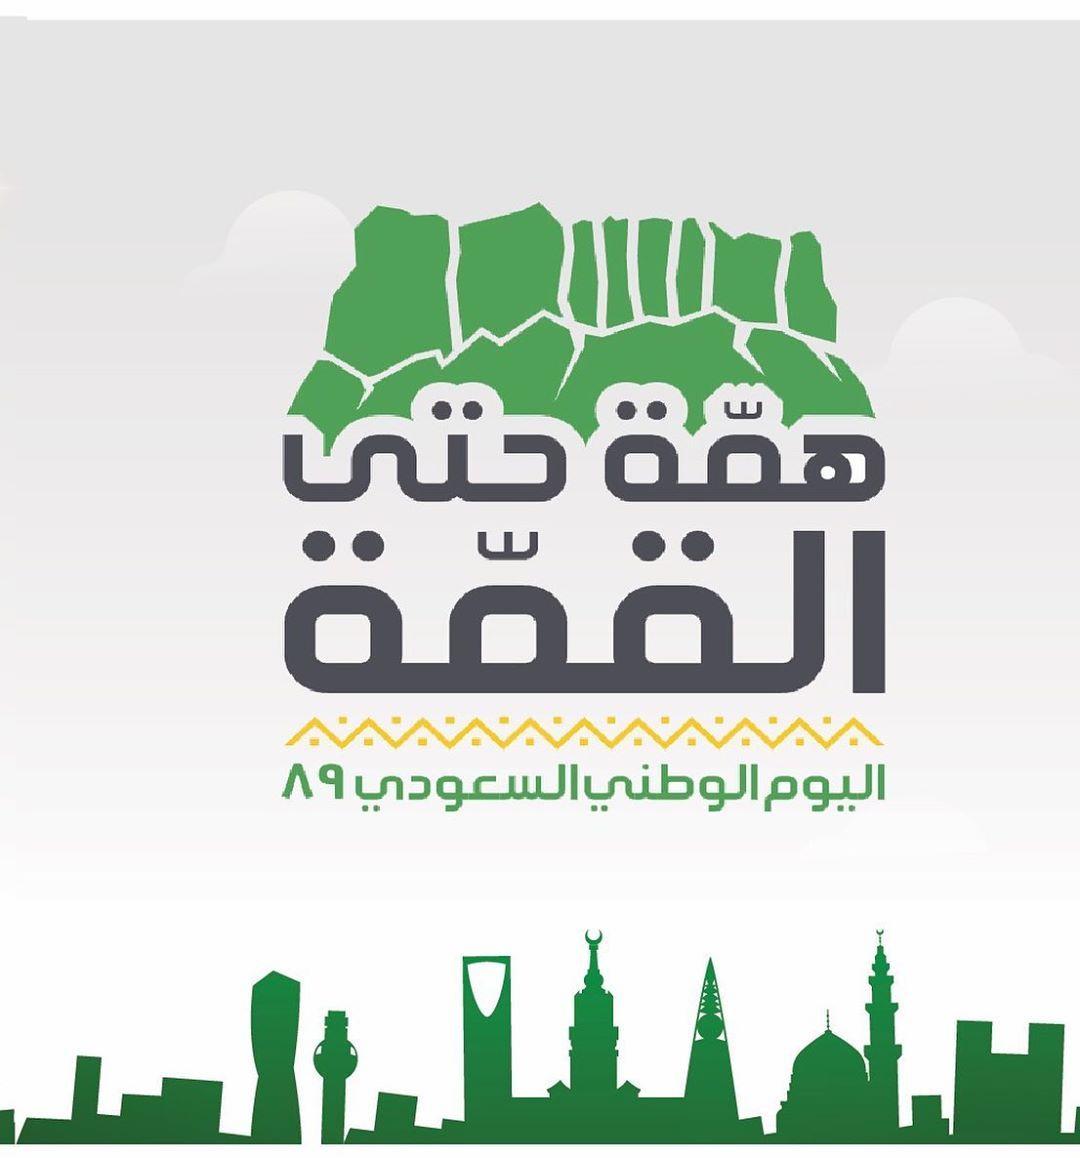 هم ة حتى القمة Illustration Illustrator Graphicdesign Graphicdesigner Marketing Digitalmarketing Saudiara Instagram Posts Burger Menu Instagram